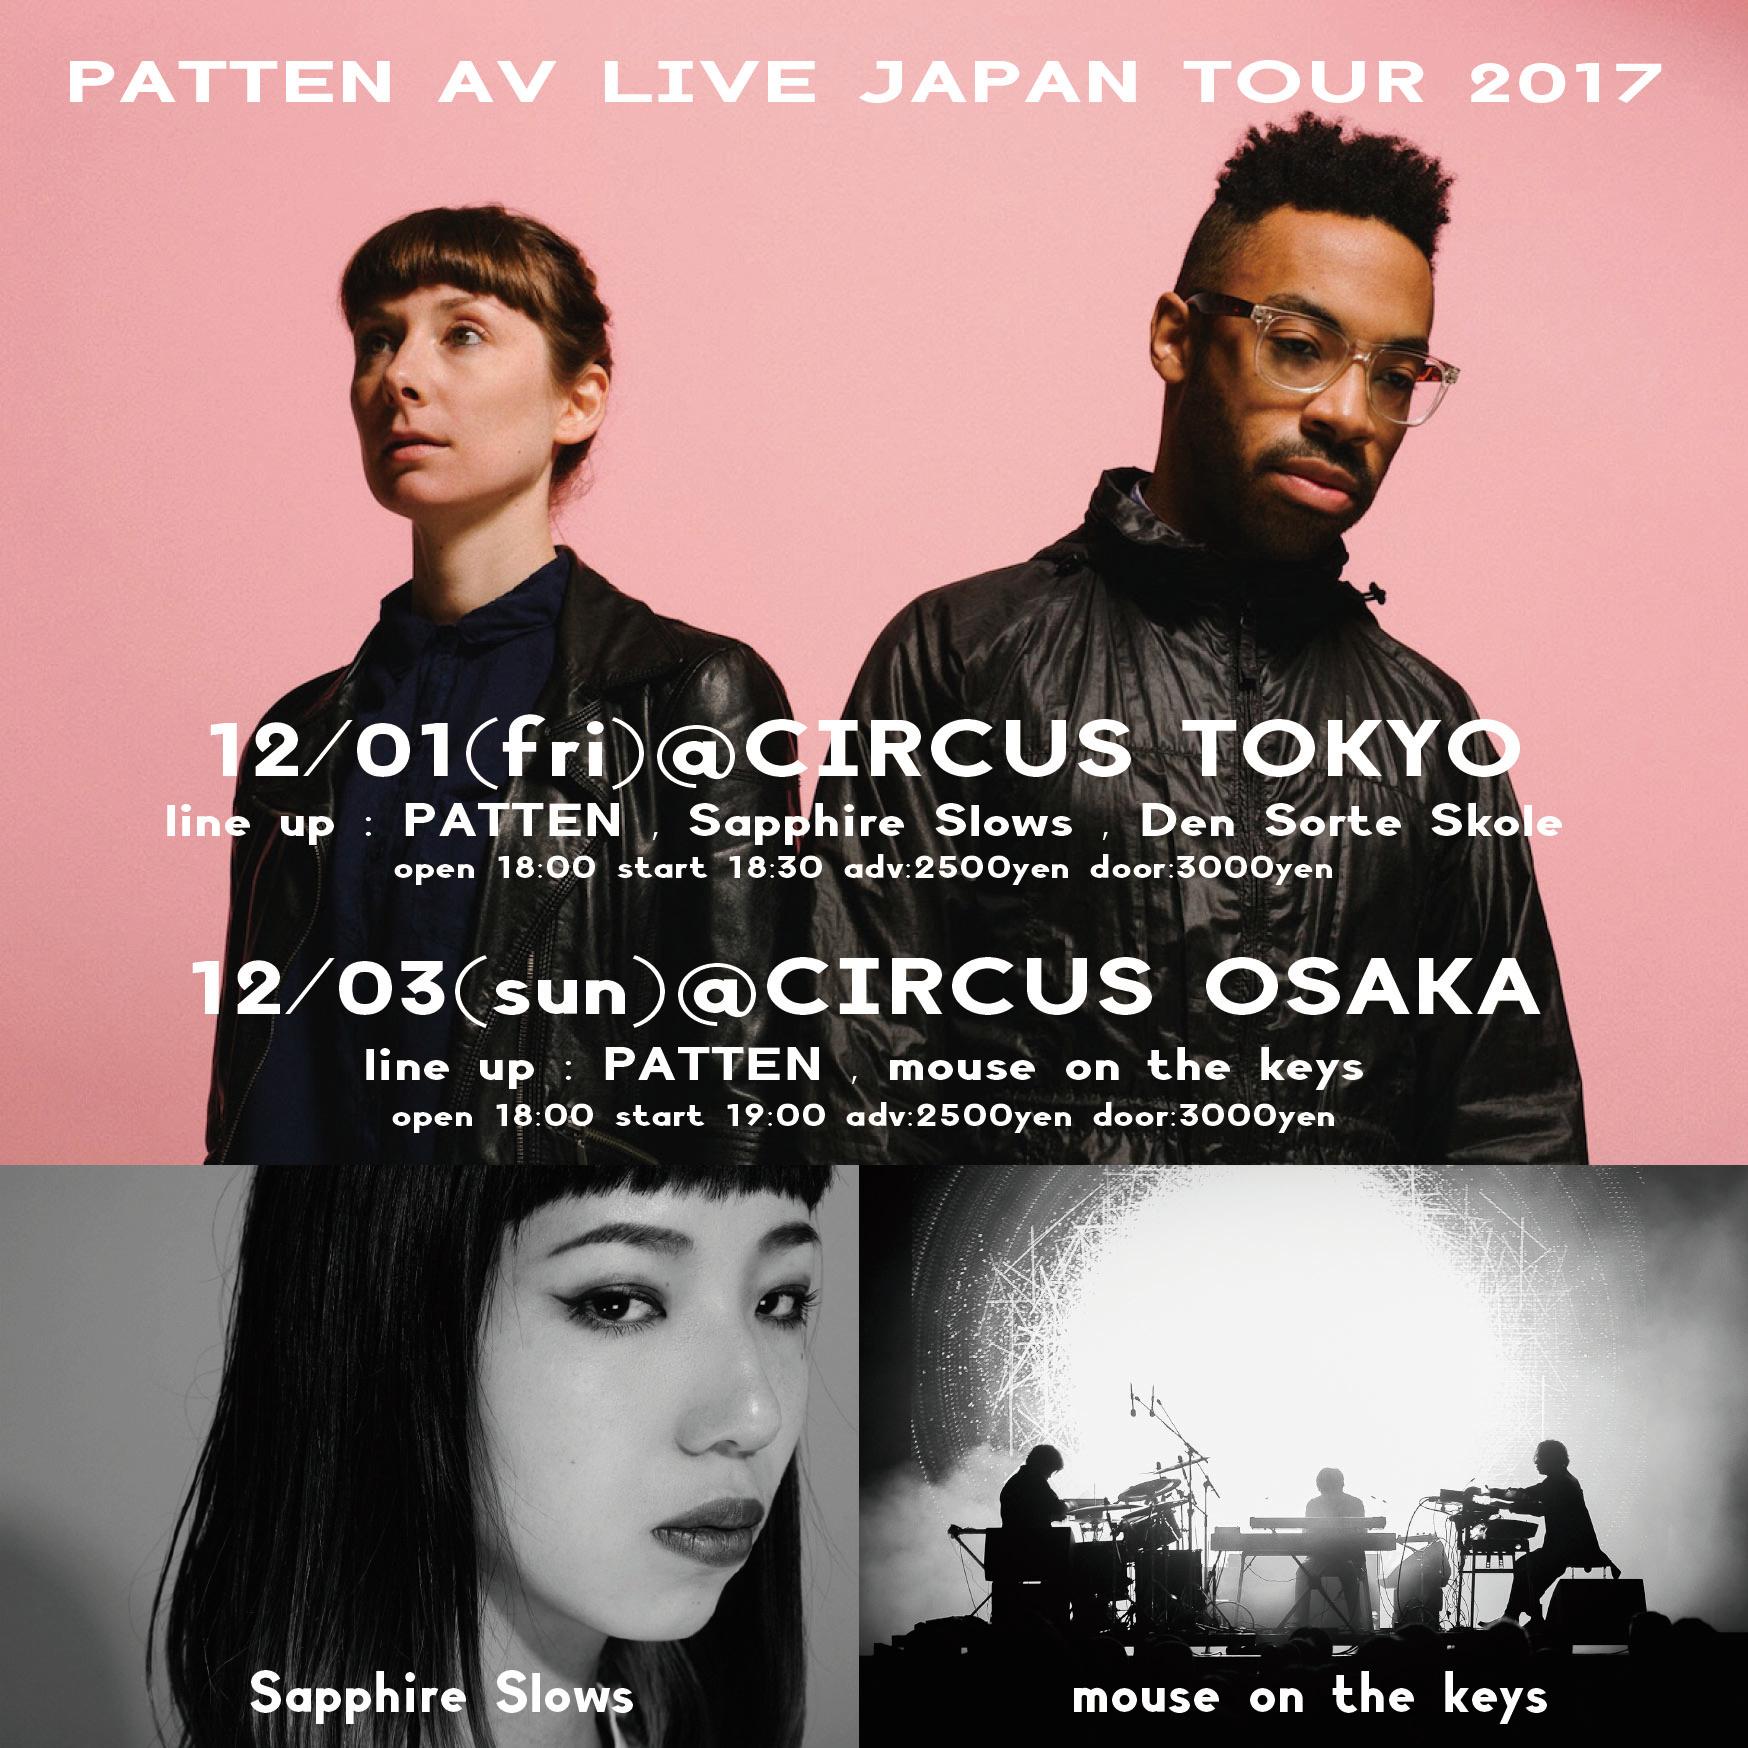 PATTEN LIVE AV TOUR 2017